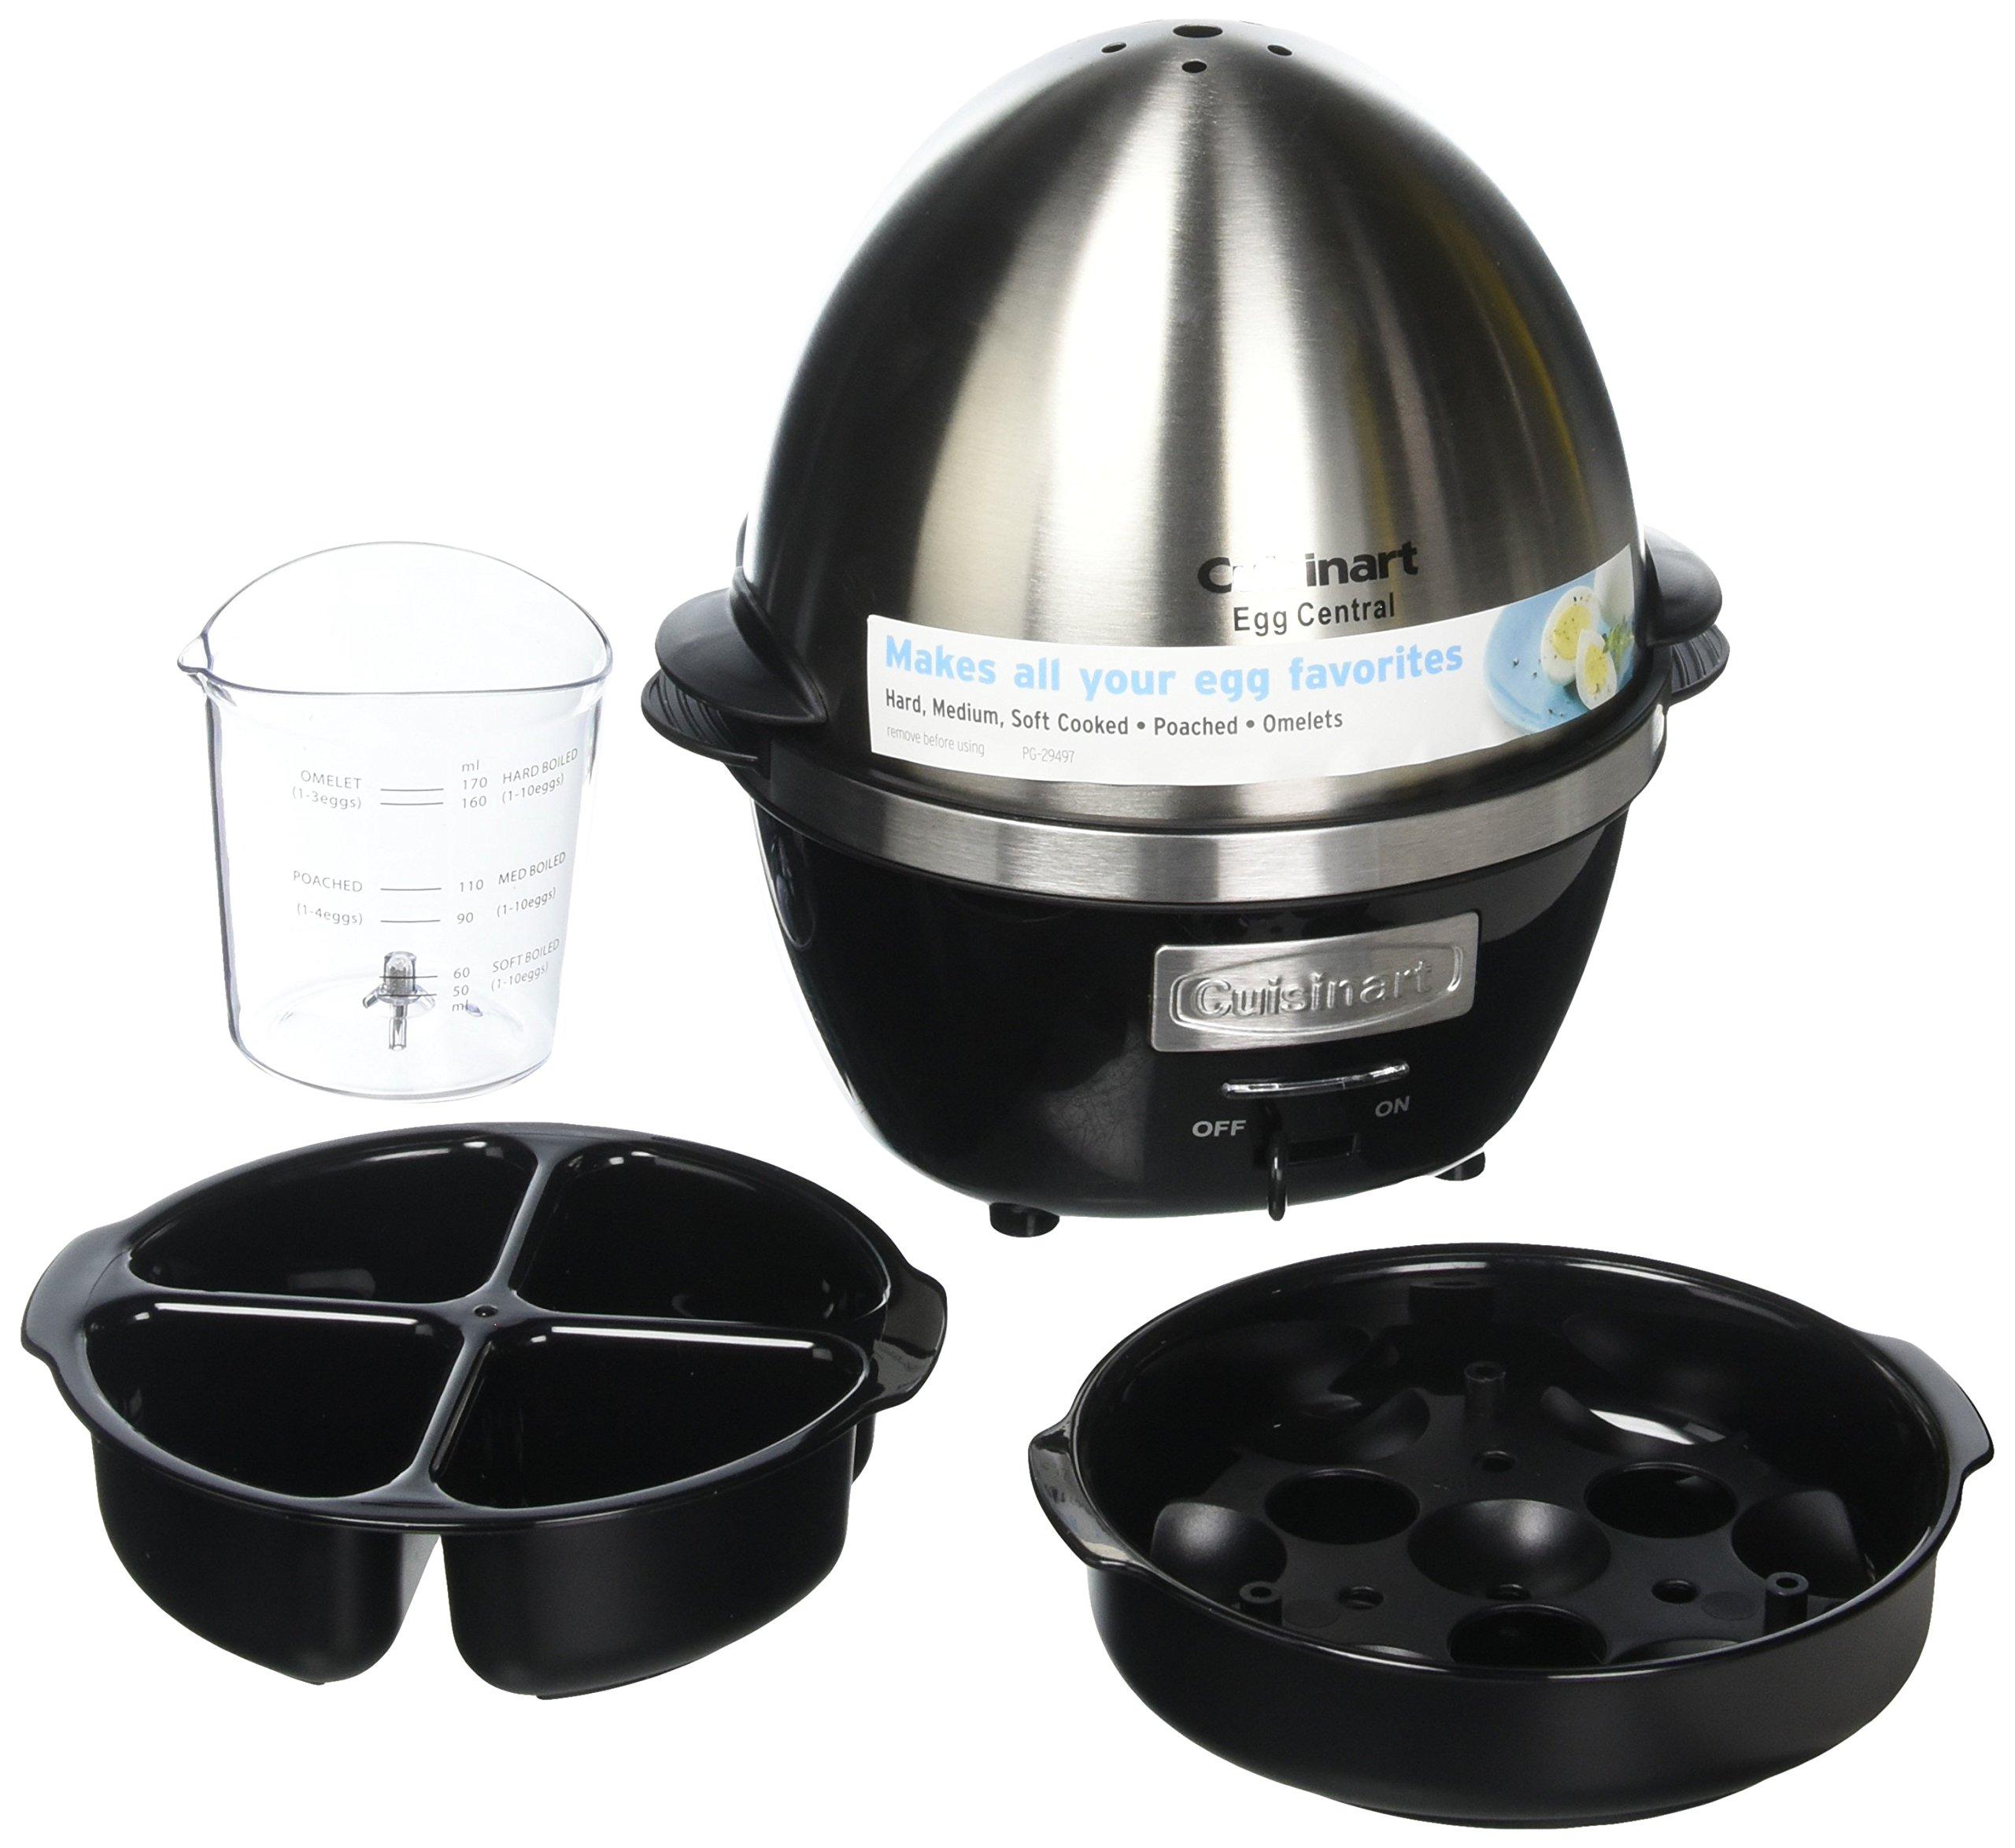 Cuisinart Egg Central Egg Cooker